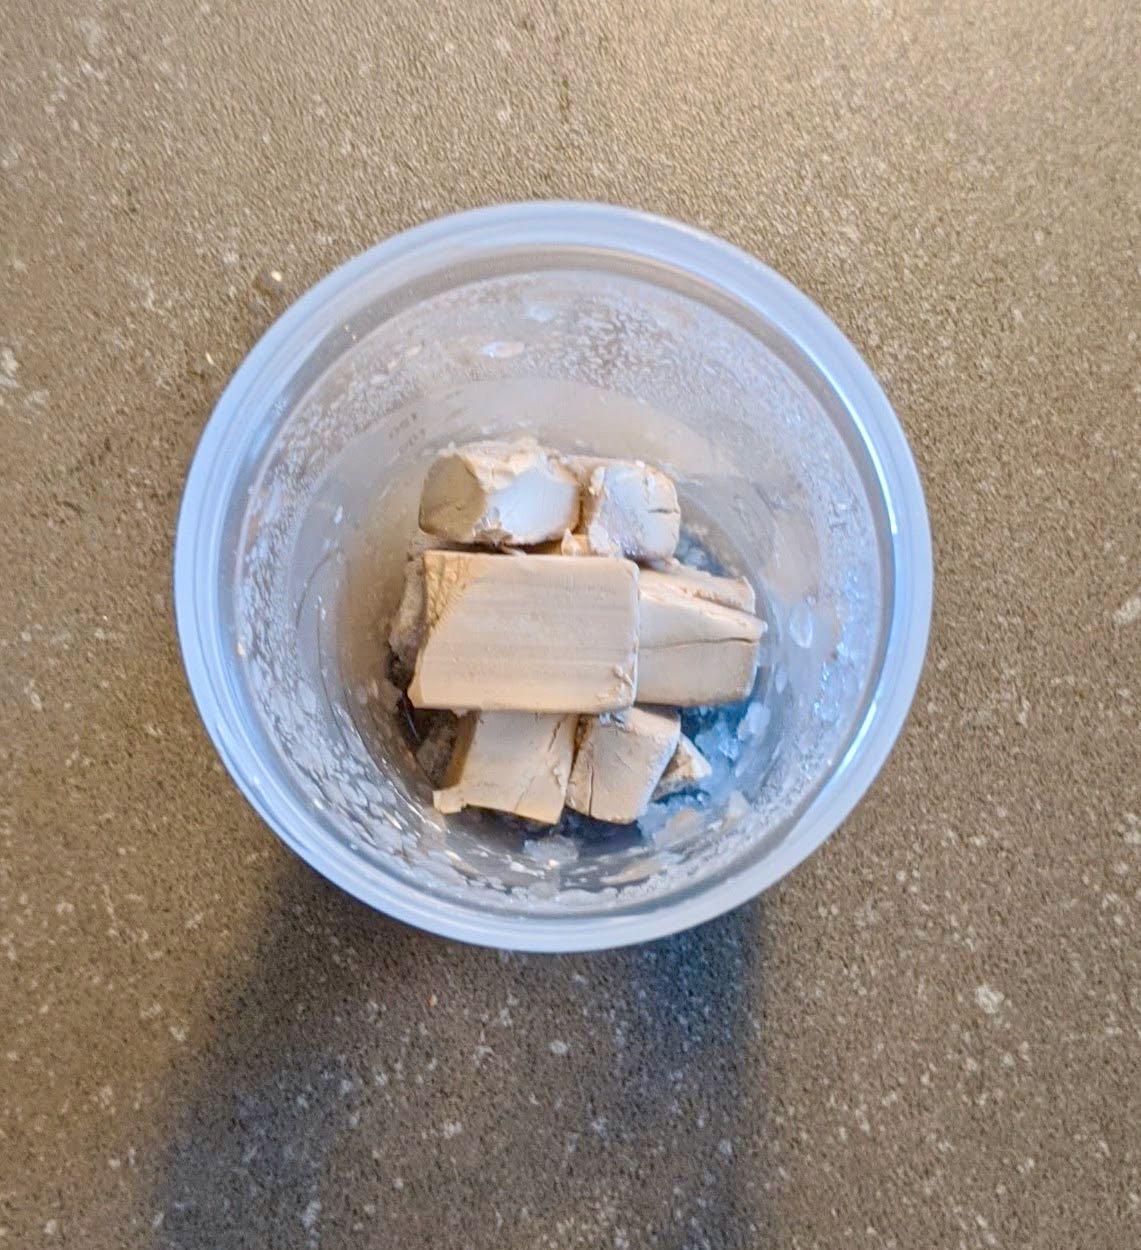 levure fraîche congelée en morceux